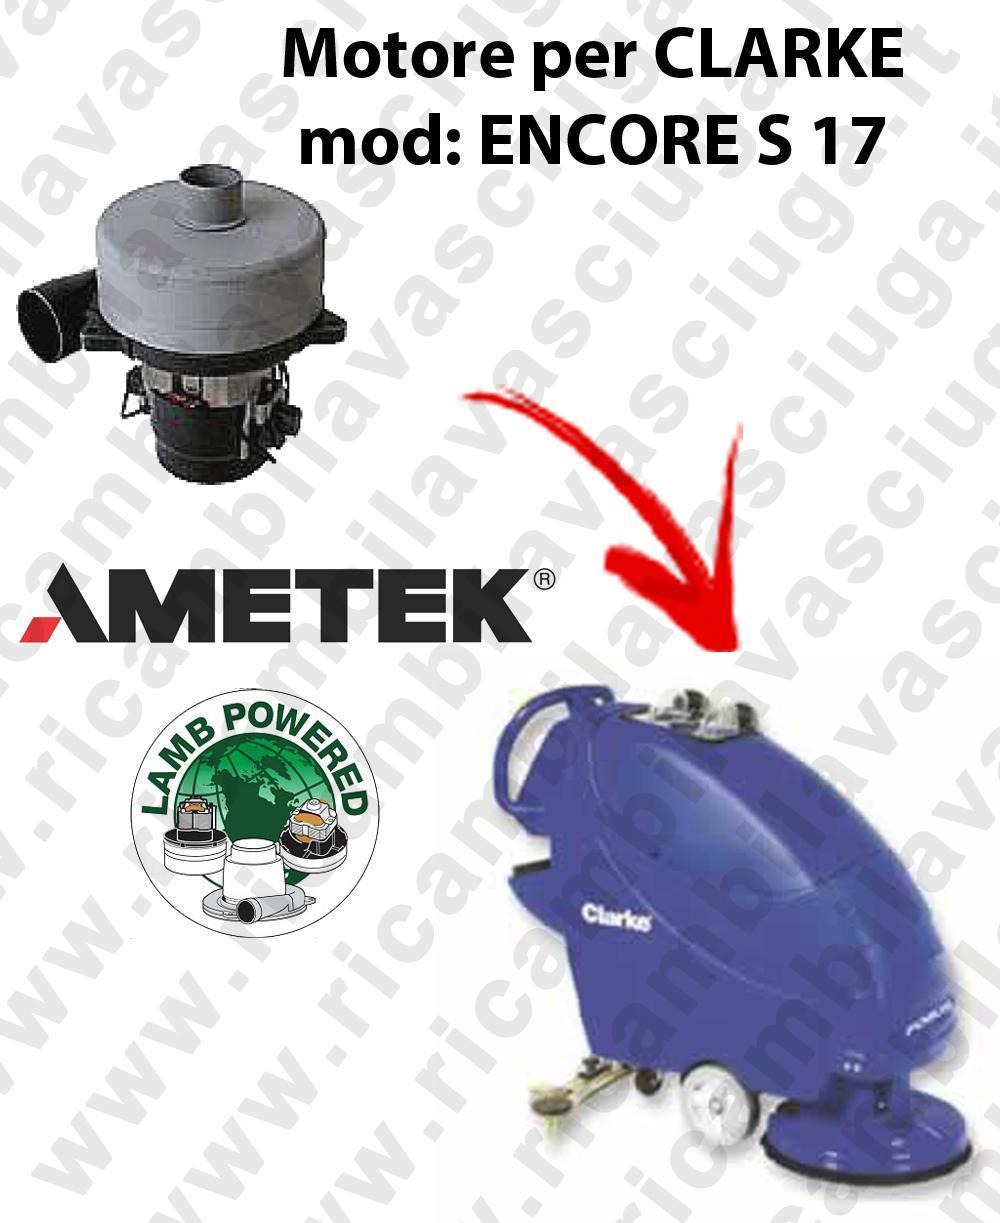 ENCORE S 17 MOTEUR ASPIRATION LAMB AMETEK pour autolaveuses CLARKE